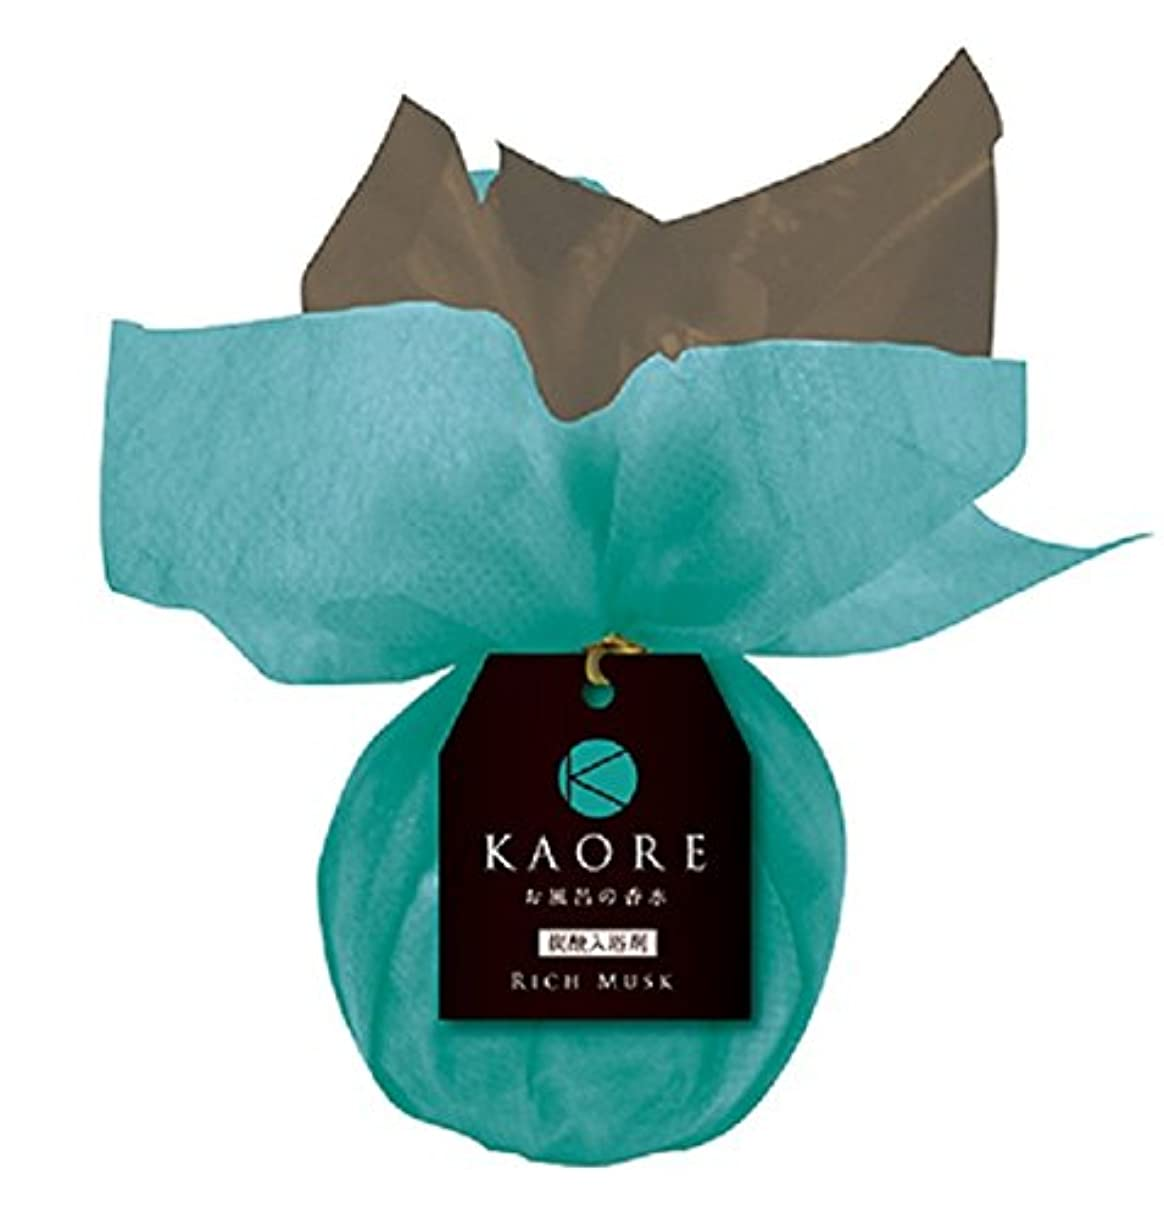 出会い退却かけがえのないKAORE(カオリ) お風呂の香水 炭酸入浴剤 リッチムスク 150g